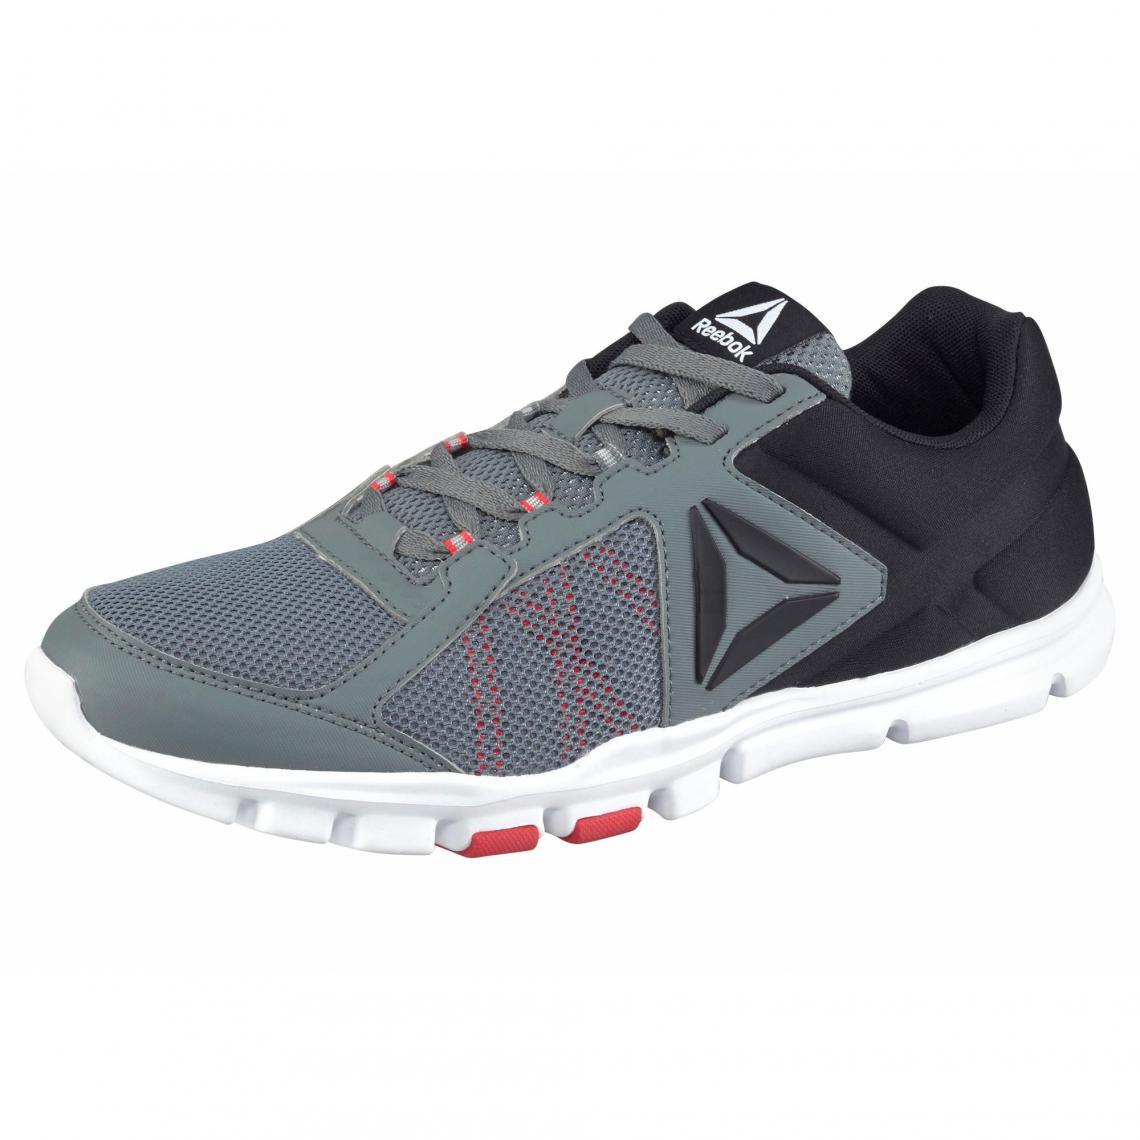 b79192207f568 Reebok Yourflex Train 9.0 chaussures de sport pour homme - Gris Reebok Homme